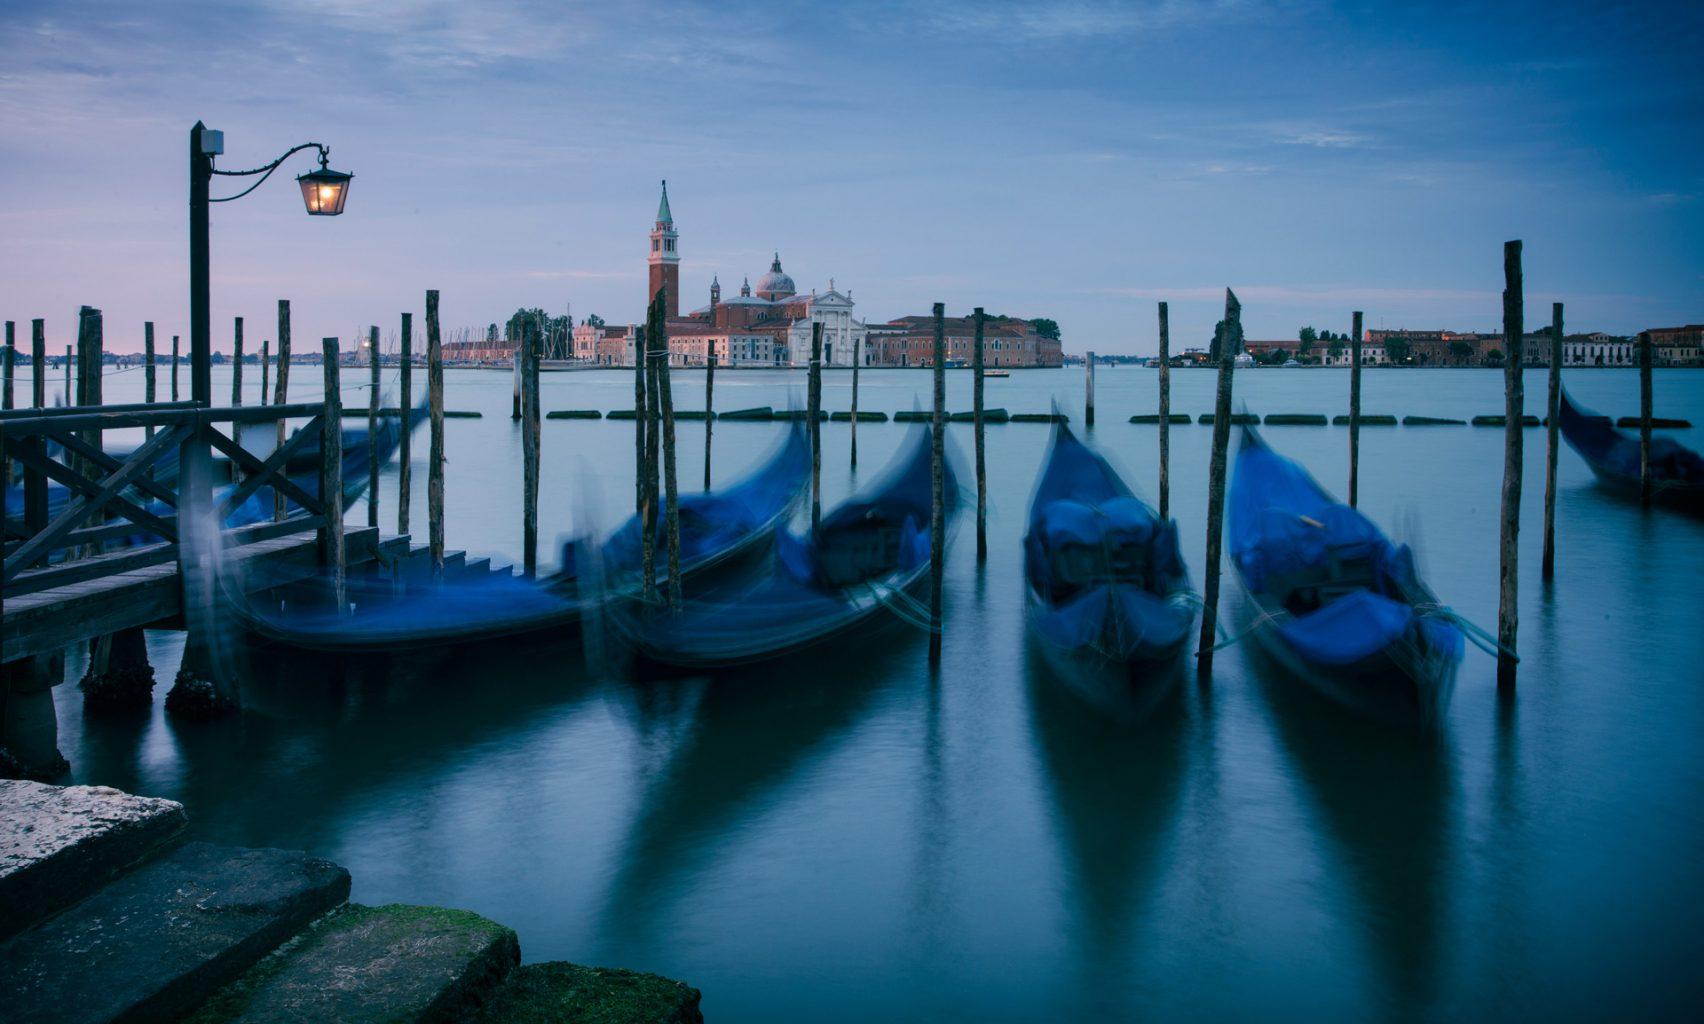 Венеция, Италия, лодки